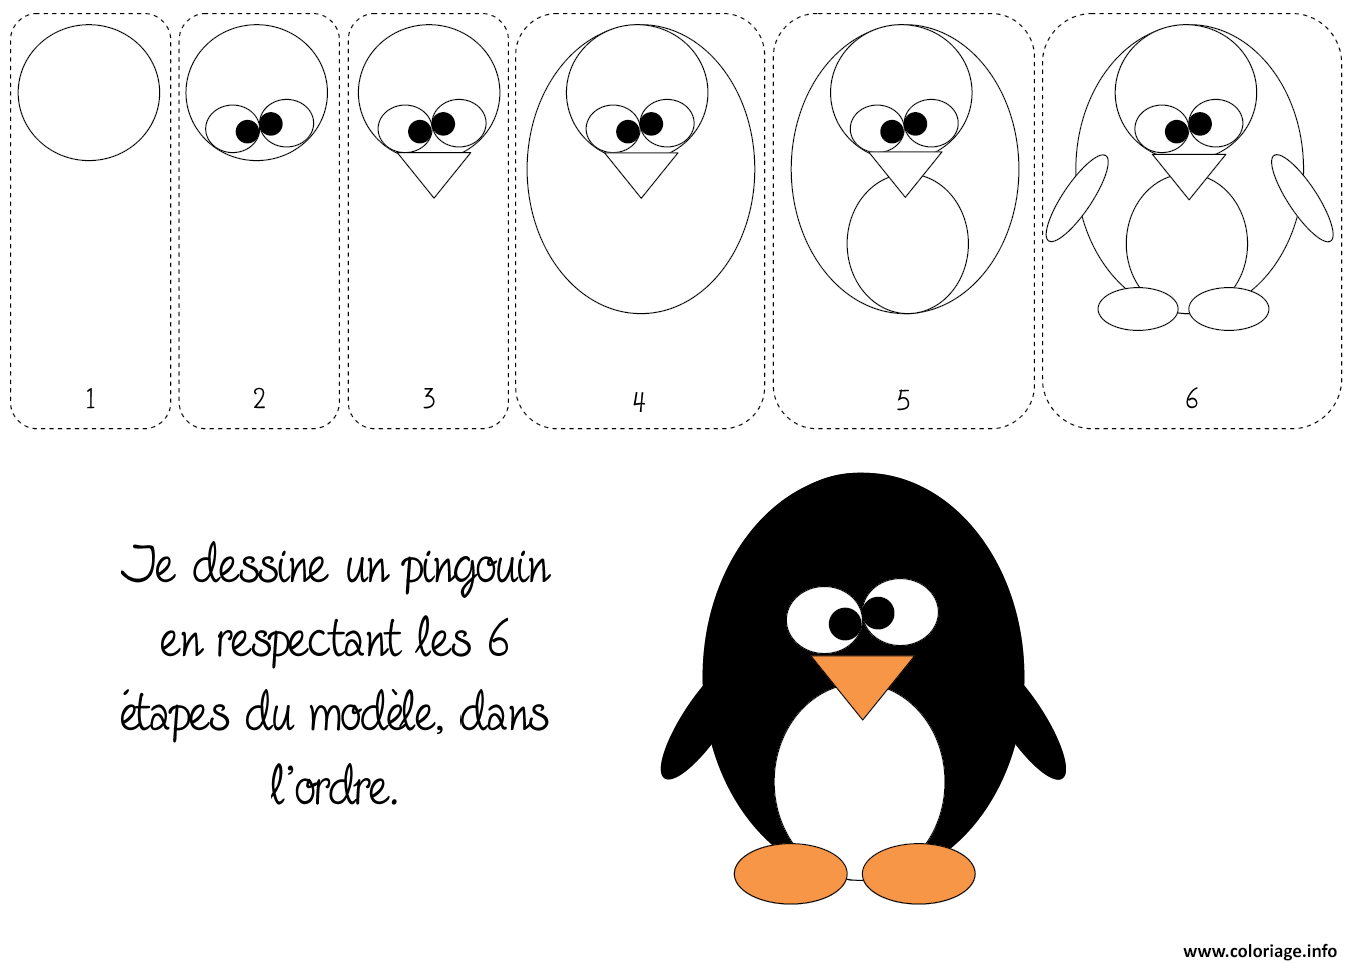 Coloriage comment dessiner un pingouin - Dessin a dessiner ...